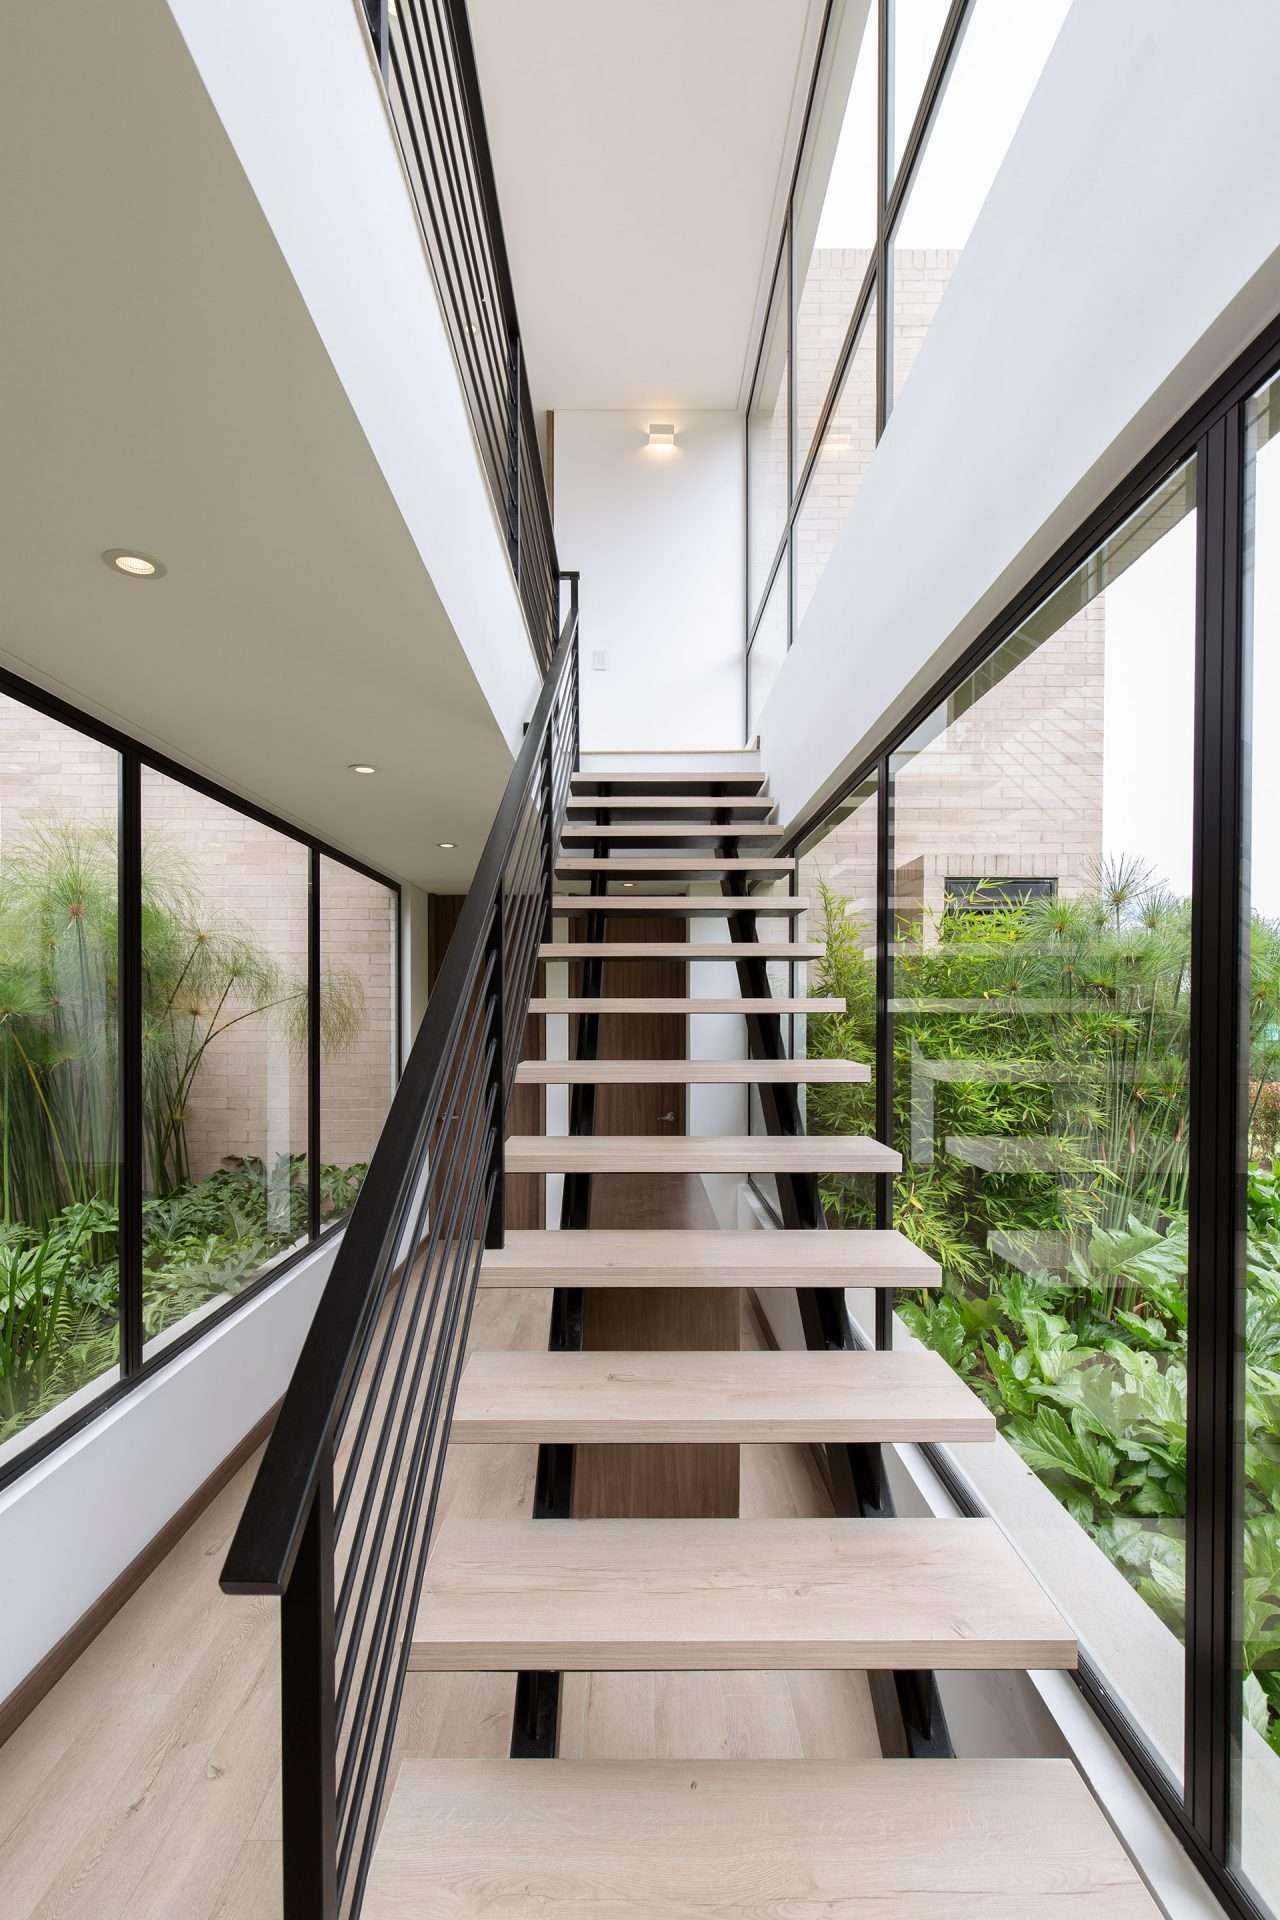 17-pablo-Moreno-arquitectura.simon.bosch.photography.bogota.colombia.interior